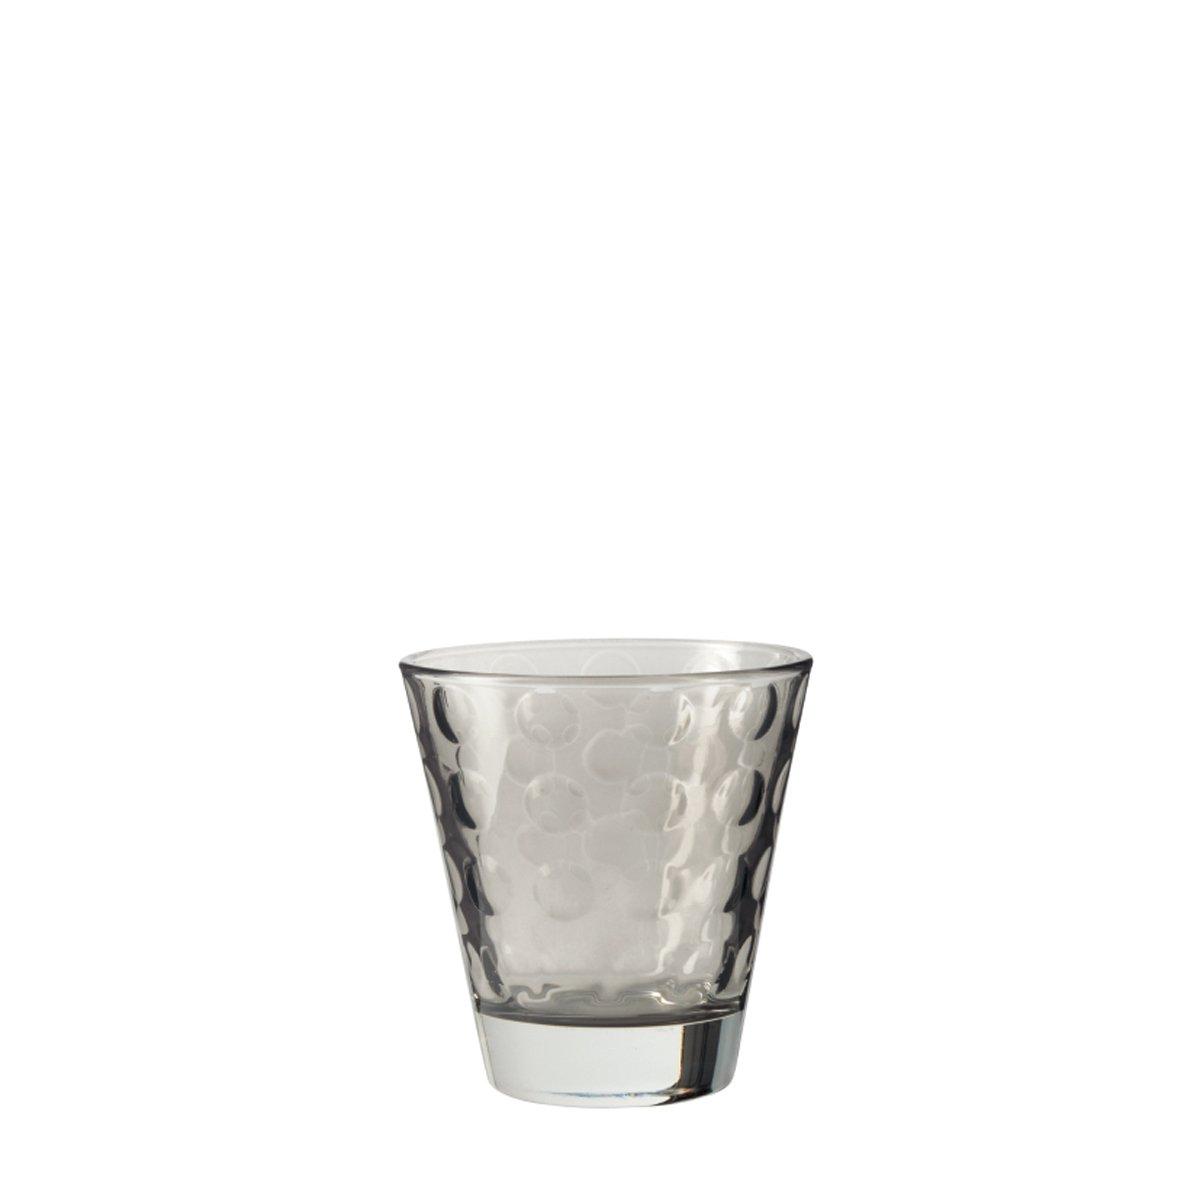 Leonardo 017993/Optic Lot de 6/Petit Gobelet Basalto 8,5/x 8,5/x 9/cm 6/unit/és Gris Verre